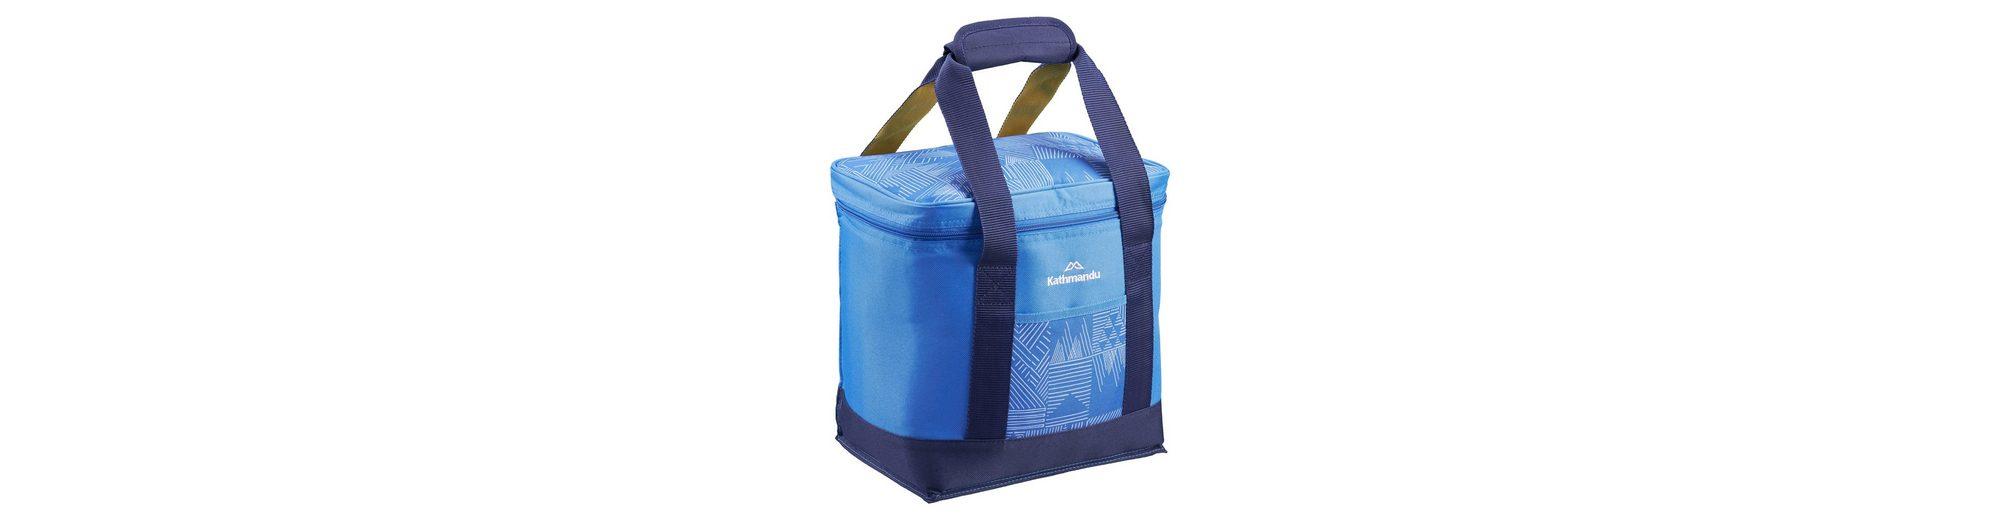 Kathmandu 12 Liter Kühltasche »Soft Cooler«